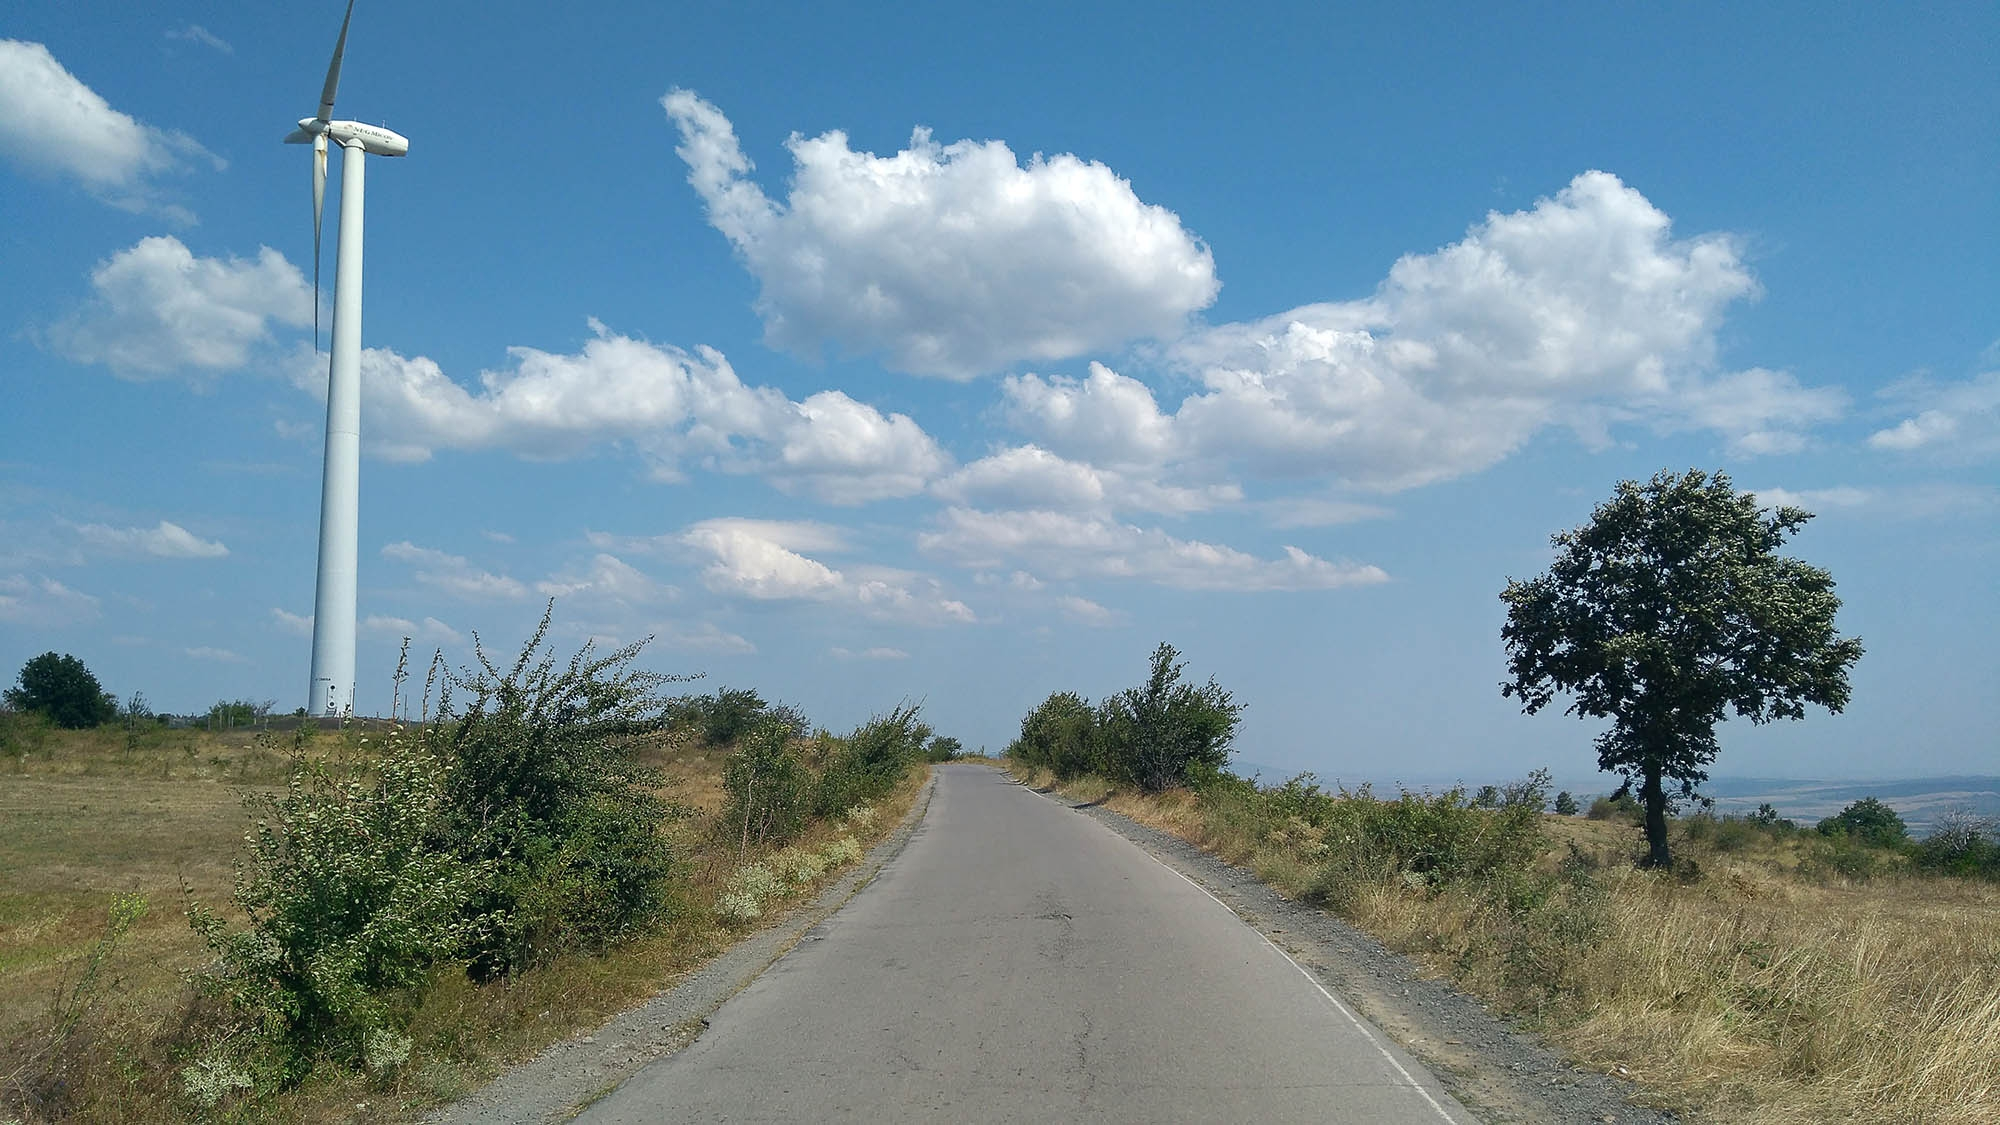 Последният ветрогенератор след село Подгорец. Тук зад дървото вдясно видях за първи път морето